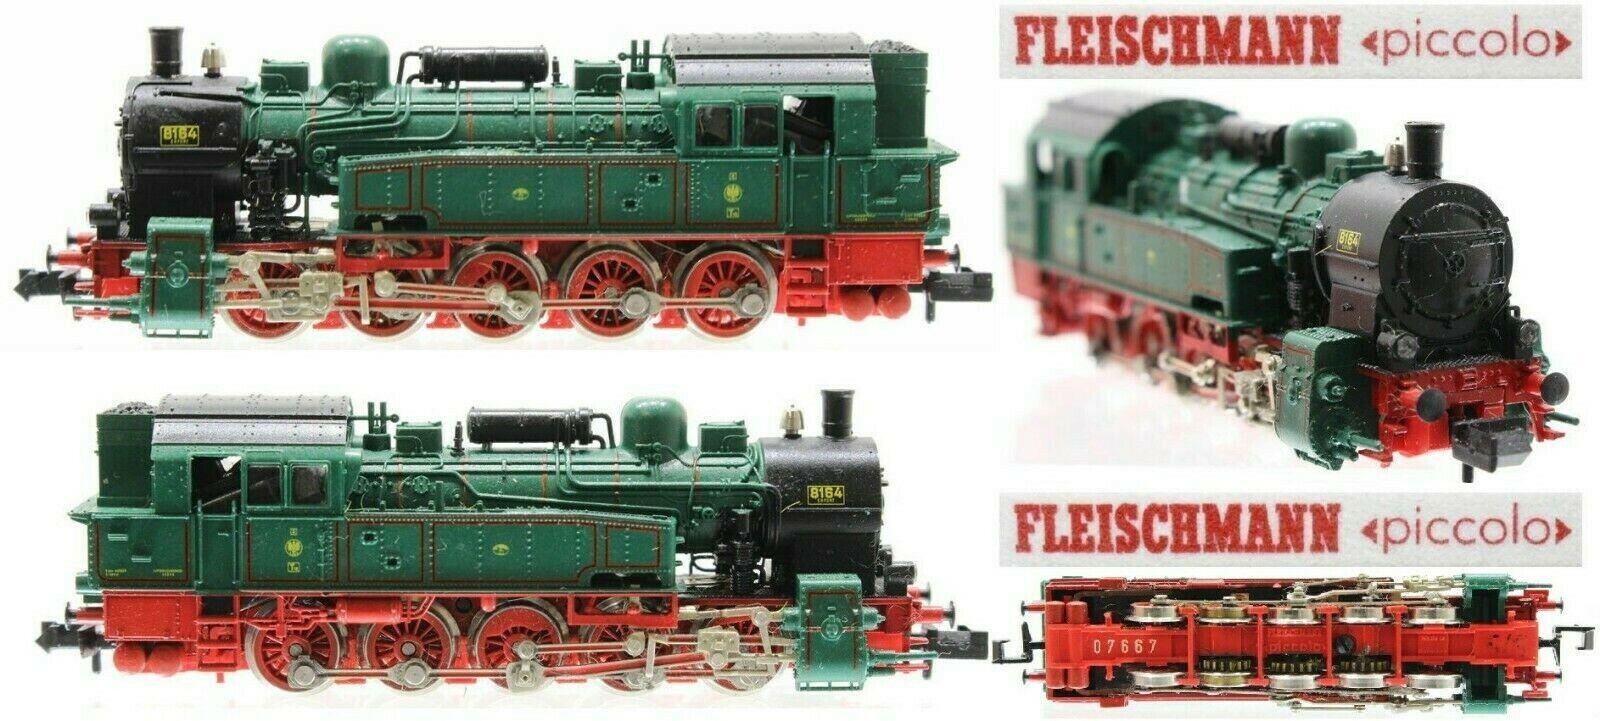 Fleischmann 7810 Vintage Vintage Vintage Steam Locomotive 0-10-0 Kpev 8164 T16 Lights Ladder-N eac5bf